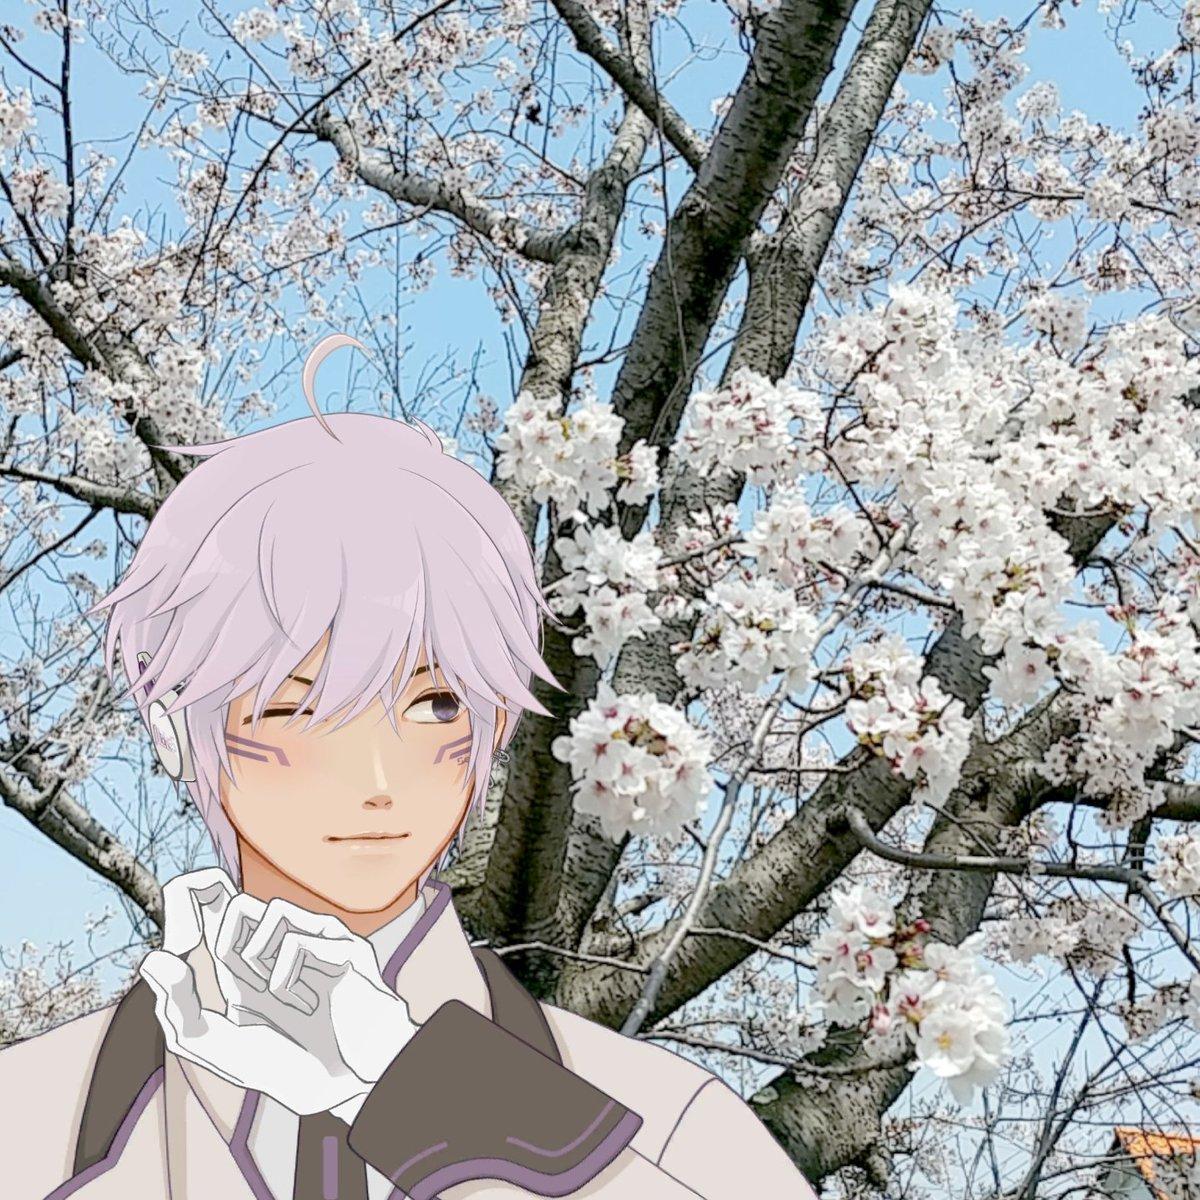 ごろちゃんも勿論。蒲公英、クローバー、桜の花弁と春の詰め合わせみたいなとこ見つけたから撮ったけど花弁がイマイチ映えない土色。。。3枚目はなんかかぐわしげなはちw匂いを感じてる気分を演出してくれてるwwwなんか歳下の幼馴染が就職決まったから写真撮ってやろうみたいな図だなスーツ。